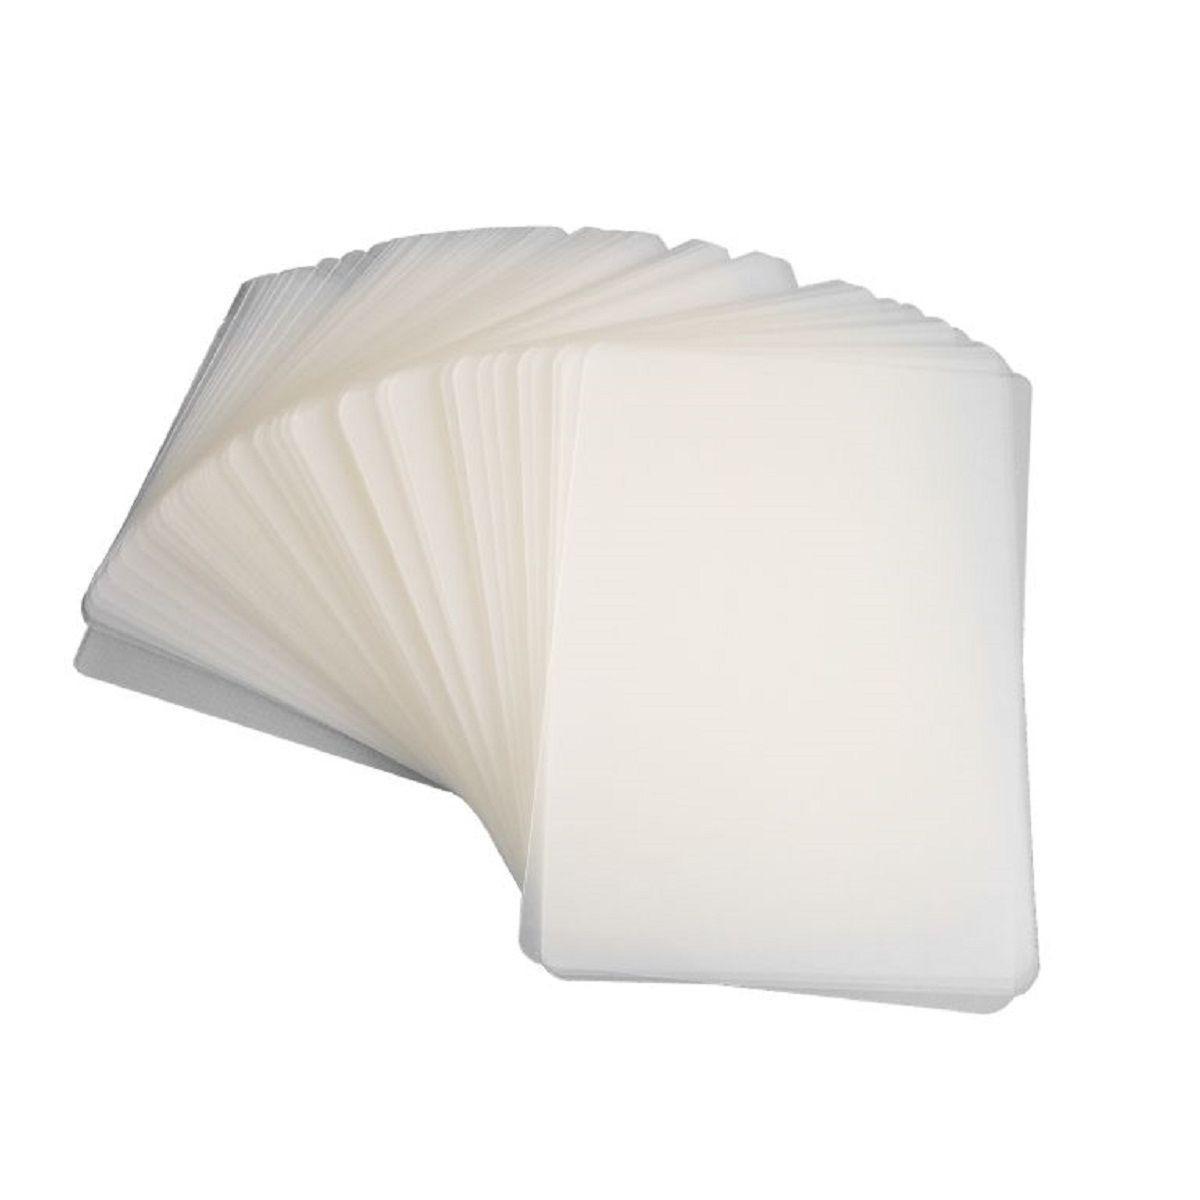 Polaseal para Plastificação Crachá 54x86x0,05mm (125 micras) - Pacote com 100 unidades  - Click Suprimentos